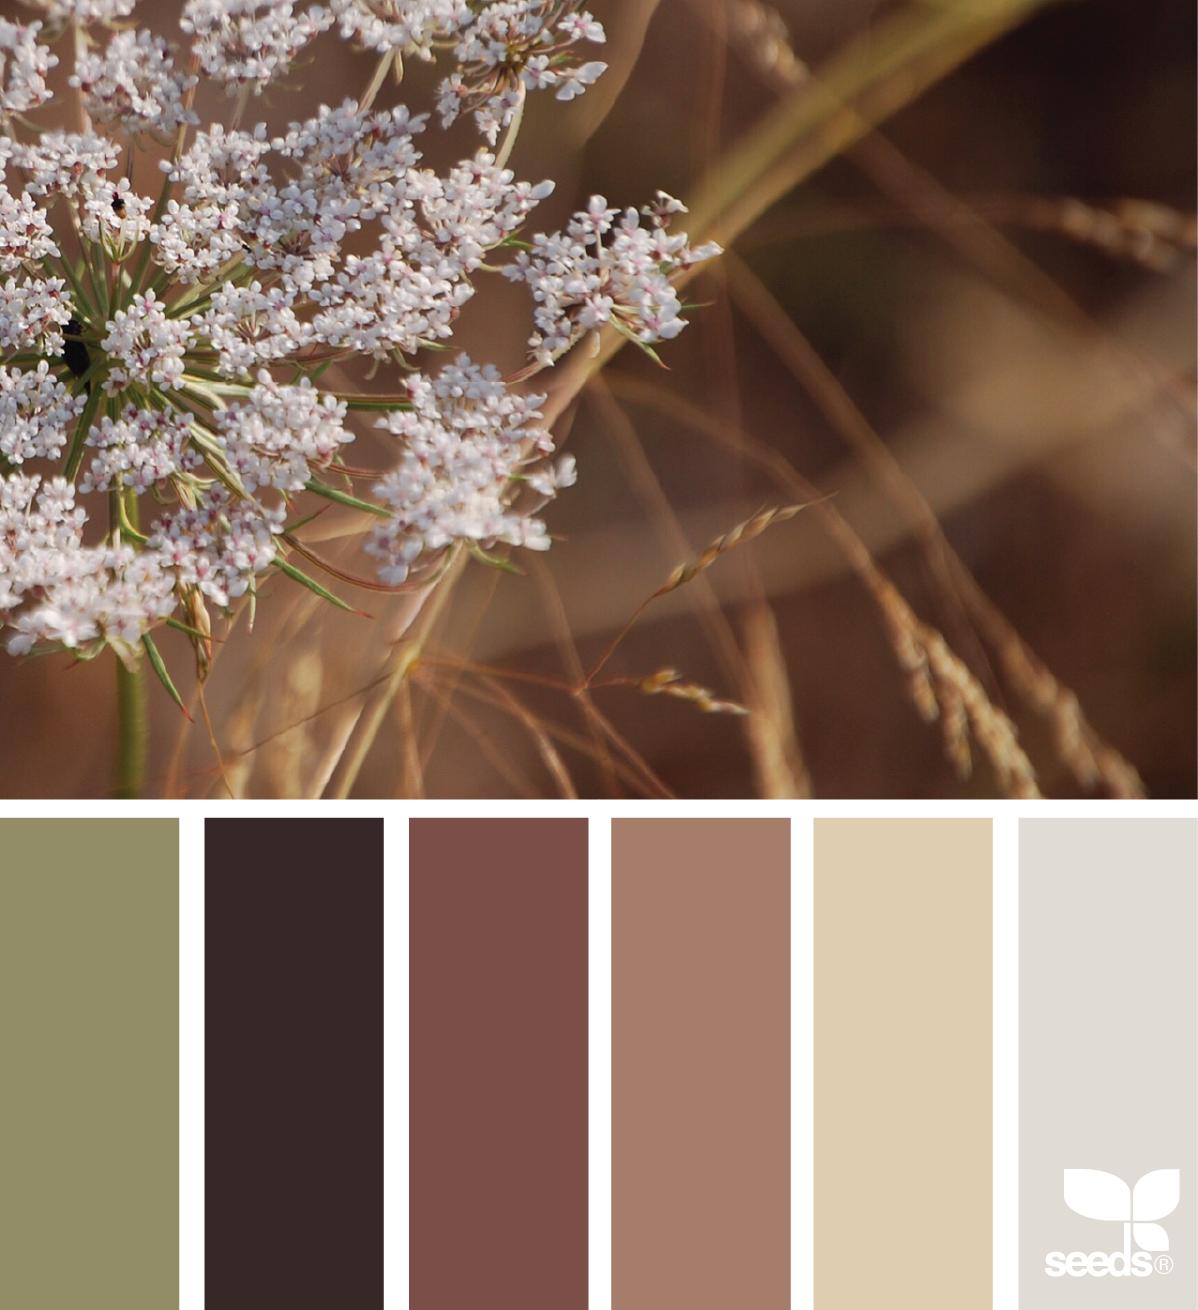 цветовая гамма картинки с природой сказка